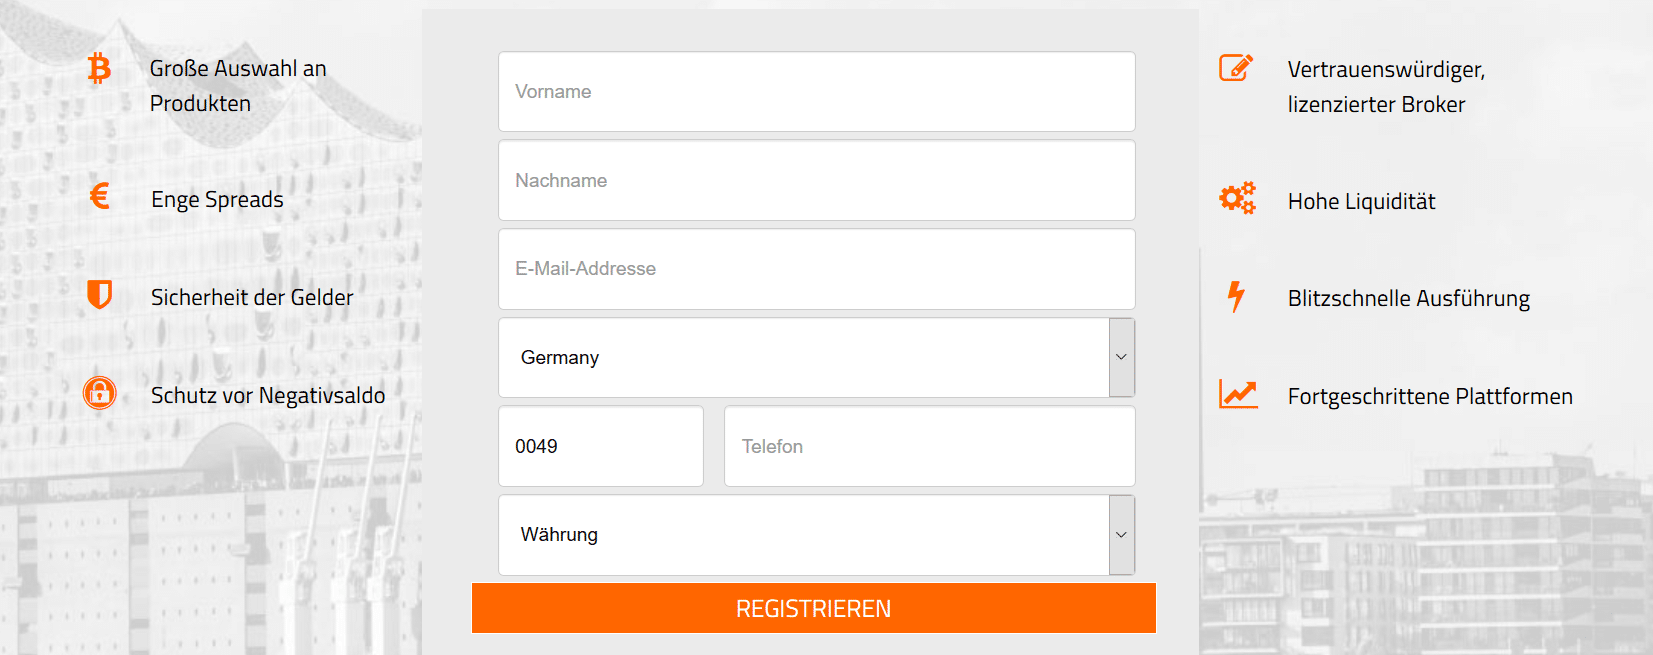 Online-Formular zur Anmeldung für ein Demokonto bei GBE brokers